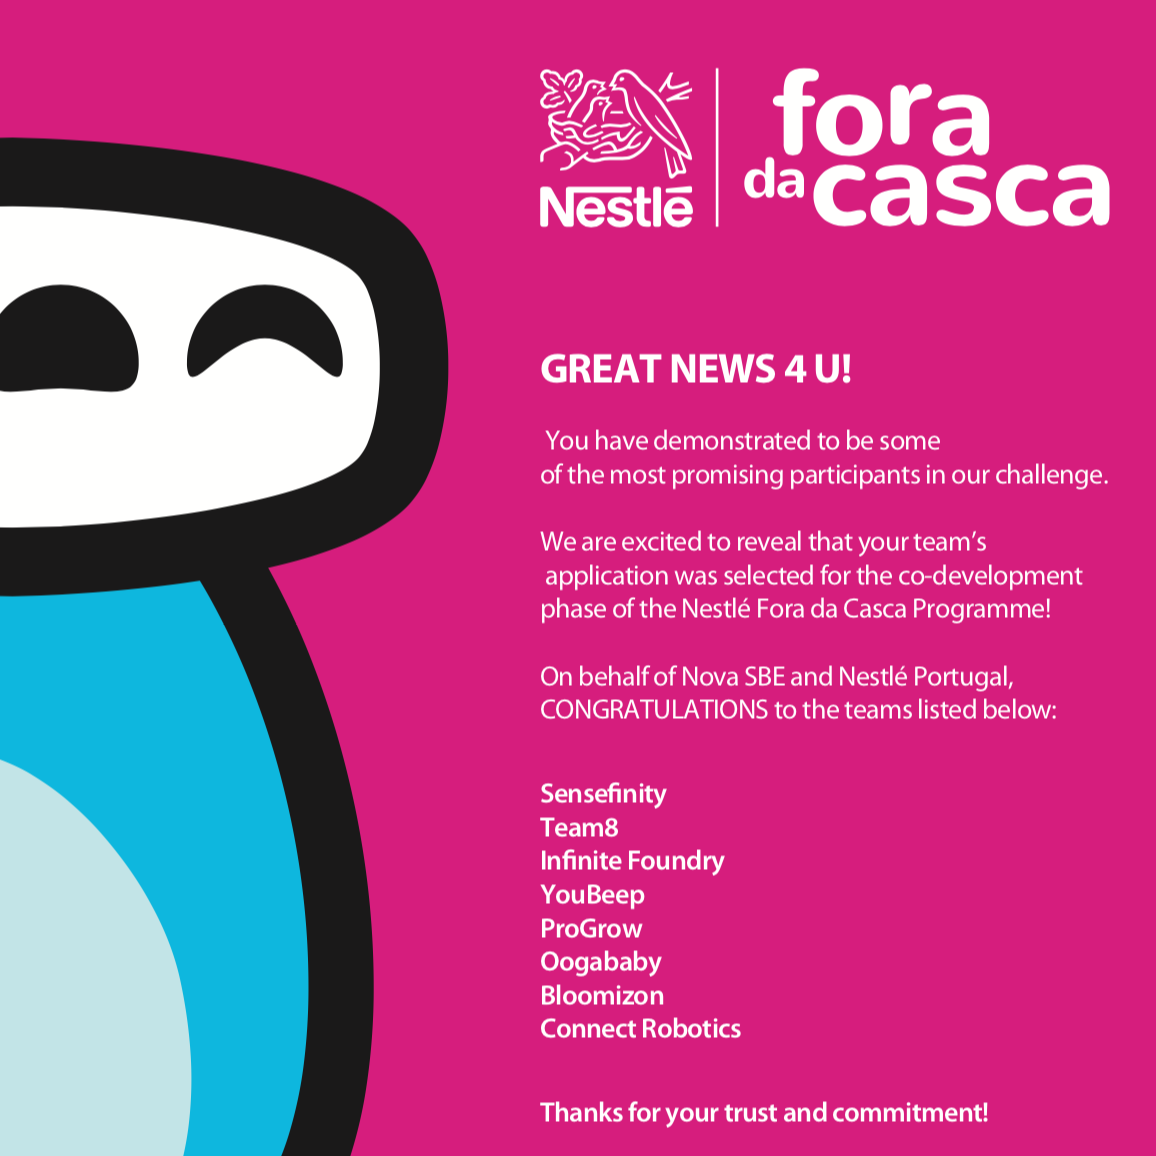 http://www.fora-da-casca.pt/site/views/anuncio_sfinal_8.pdf